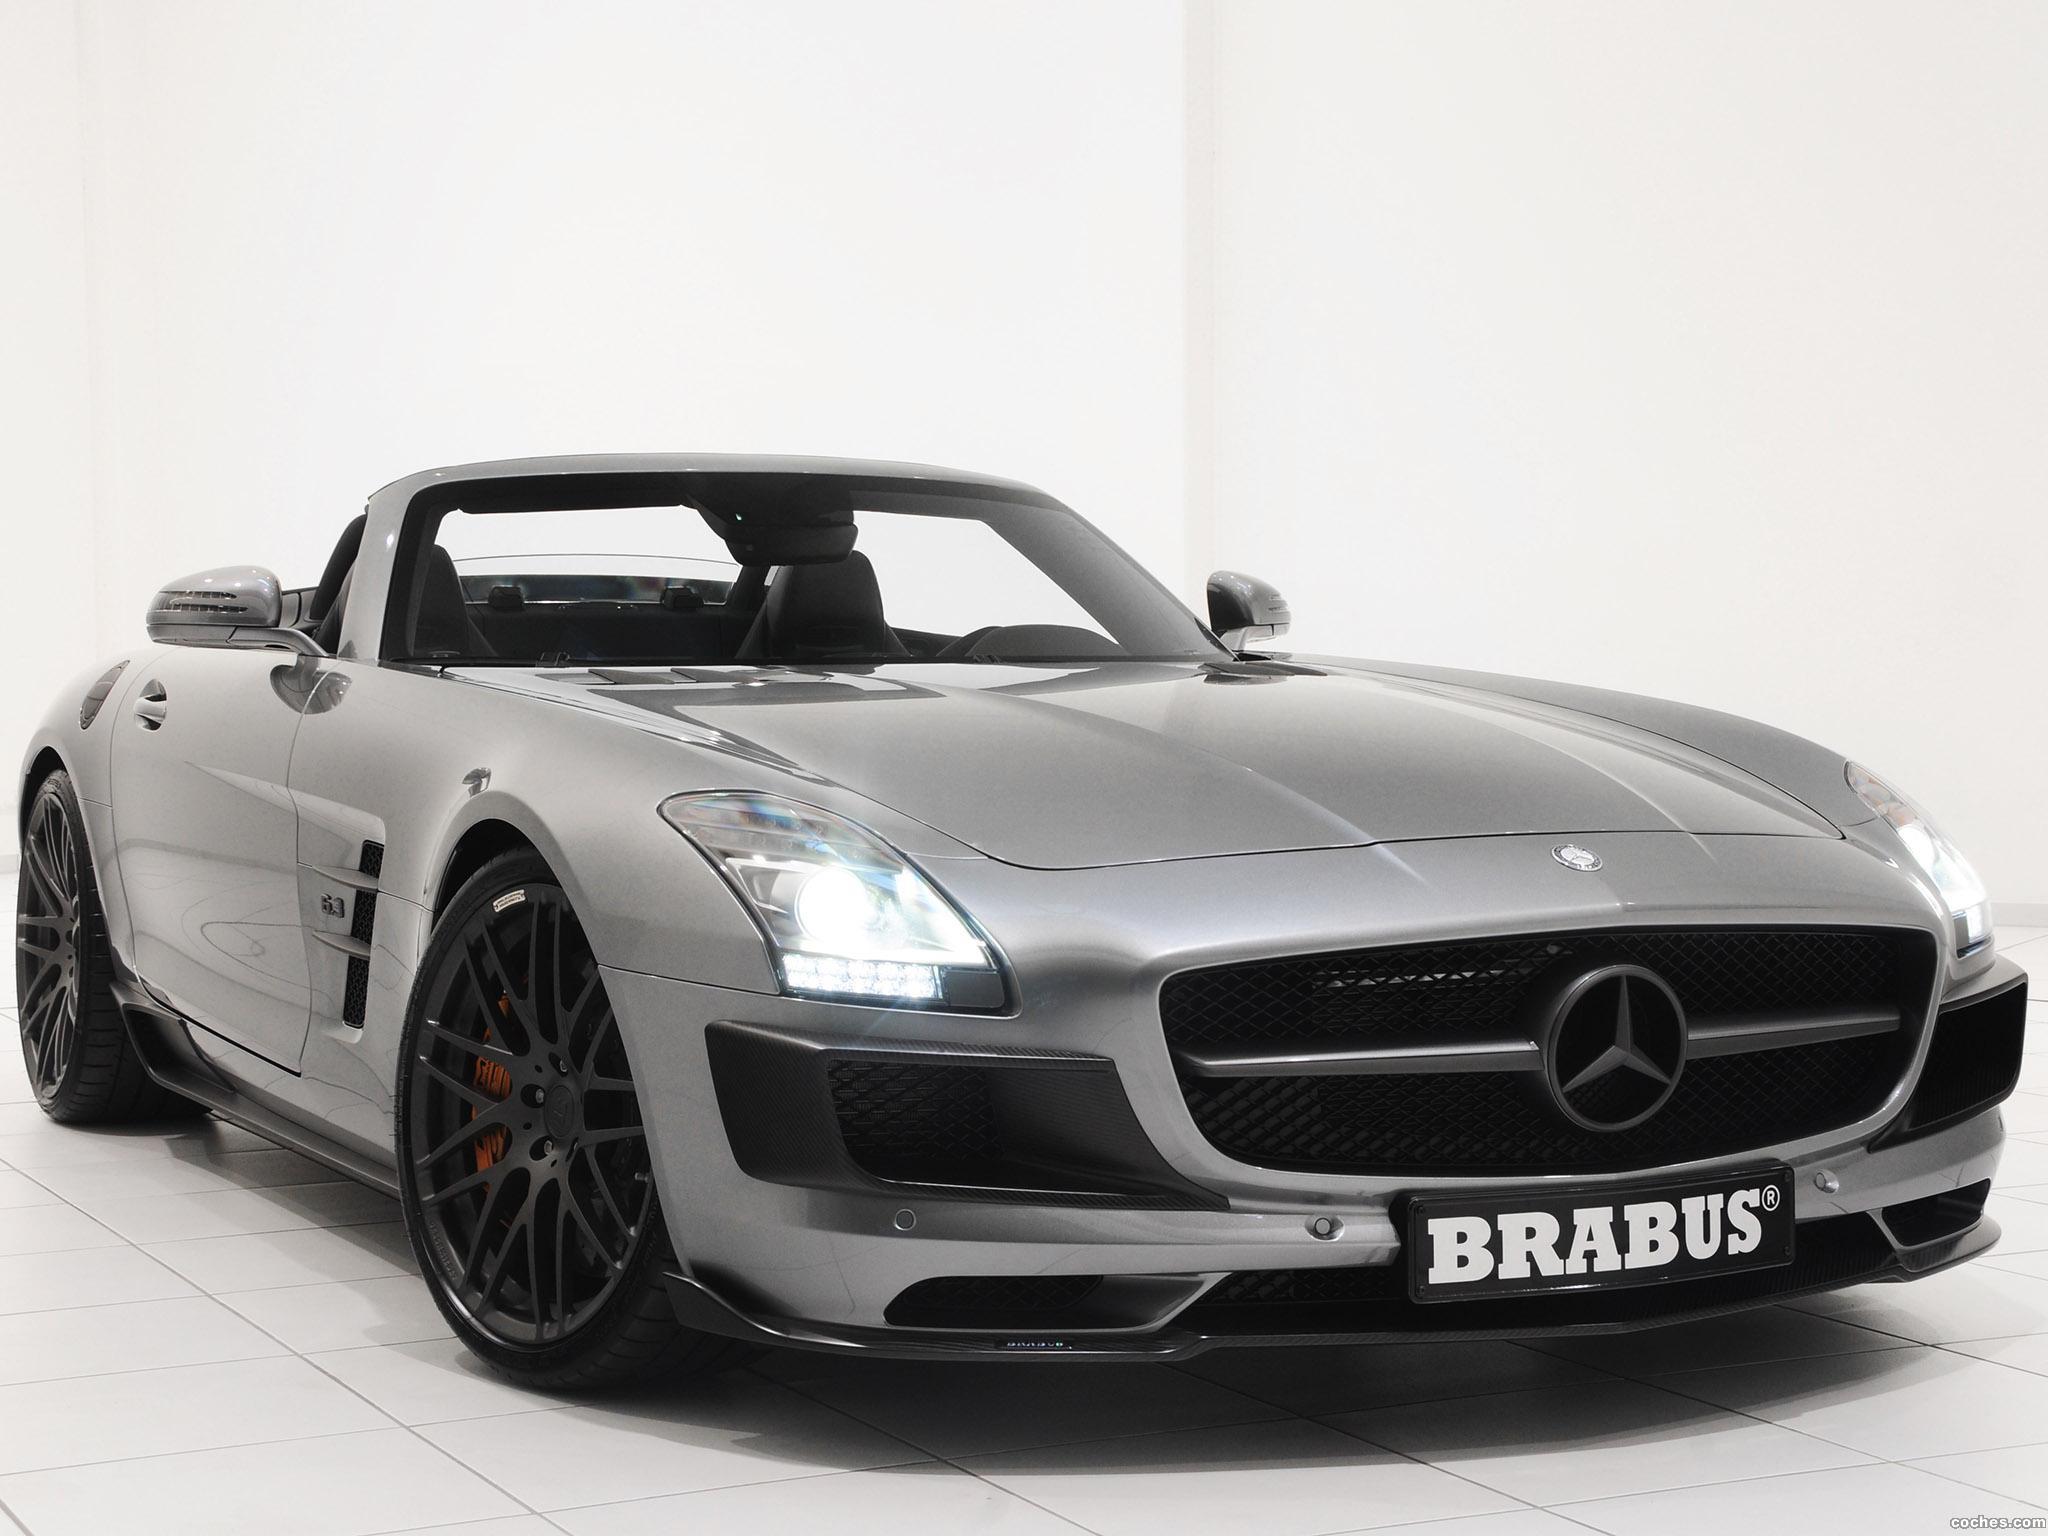 Foto 0 de Mercedes Brabus SLS AMG Roadster 2011